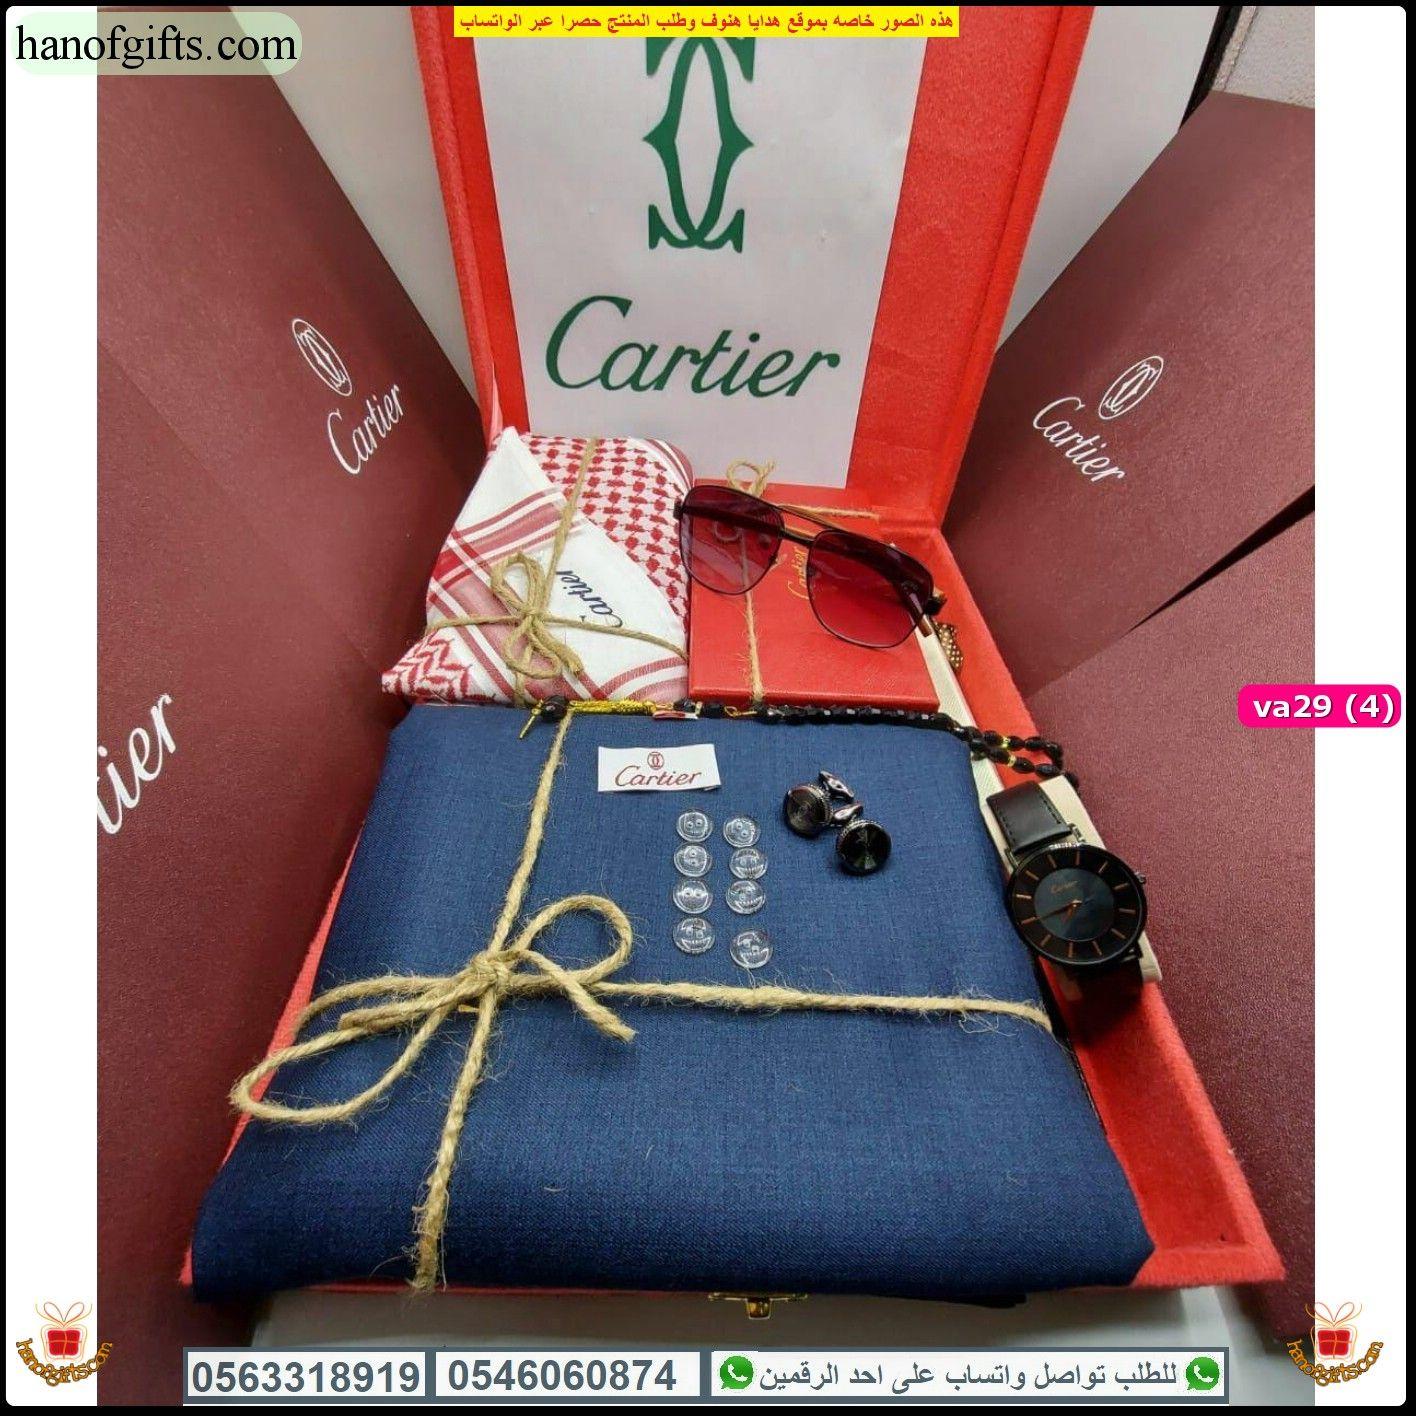 قماش كارتير شتوي مع شماغ كارتير و نظاره كارتير وكبك و سبحه انيقه هدايا هنوف Top Handle Bag Bags Hermes Kelly